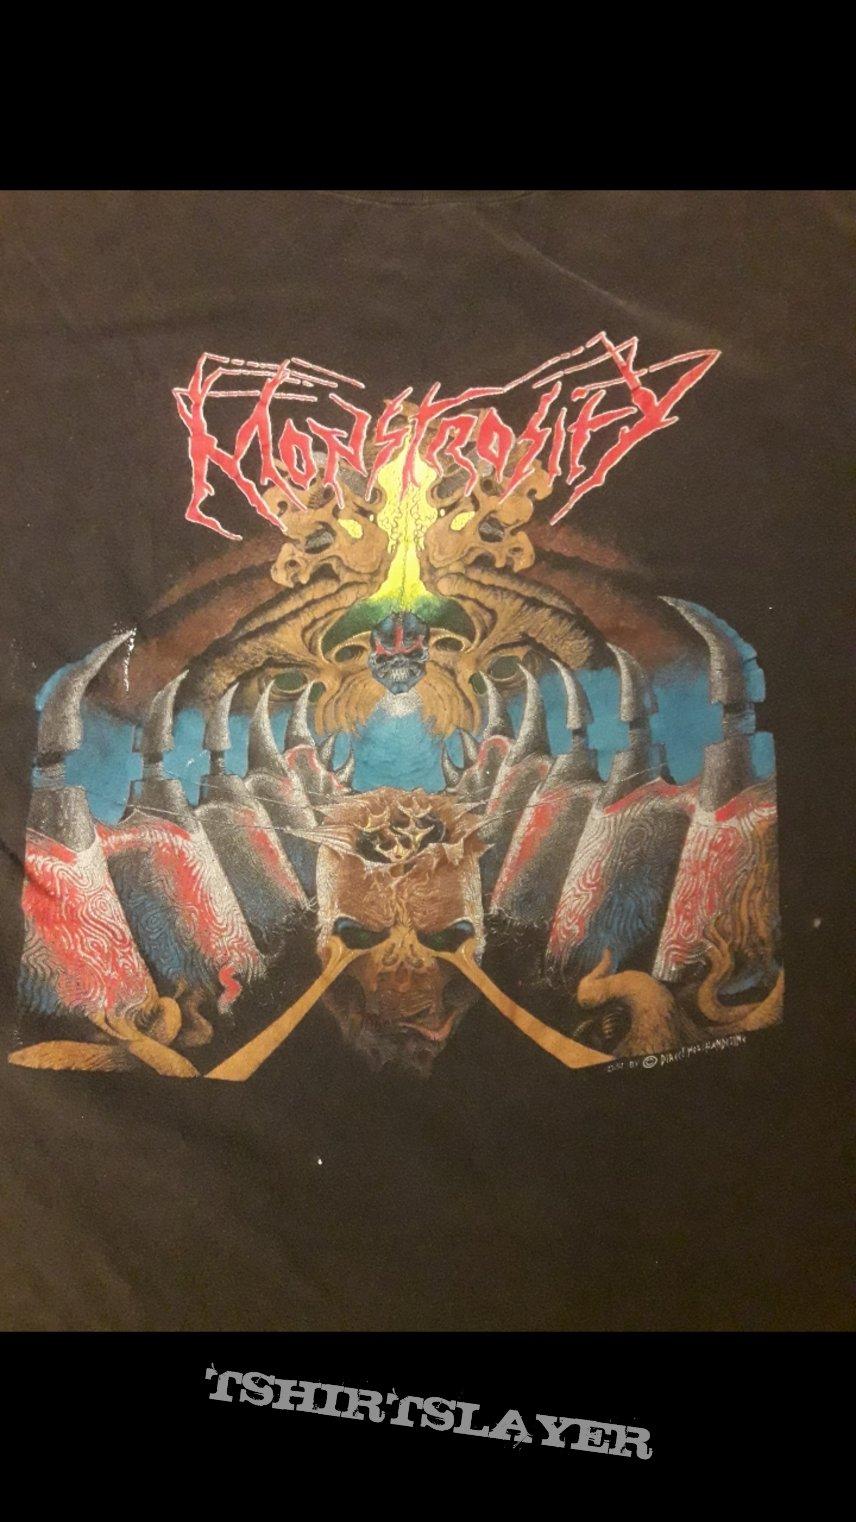 Monstrosity Demo & Imperial Doom-shirt